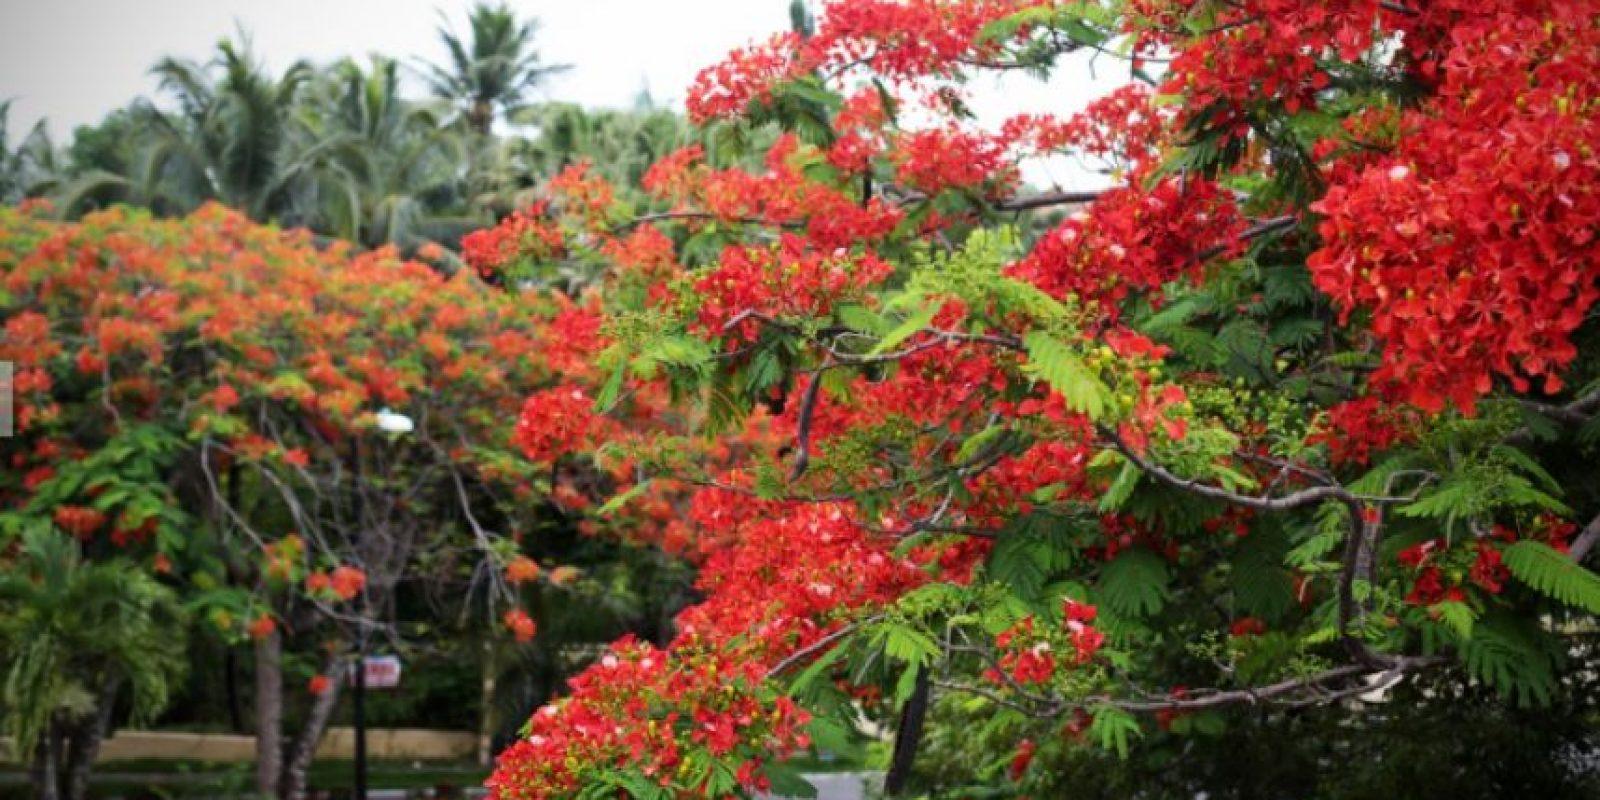 El período de germinación de un flamboyán oscila entre siete y 12 días. Según las condiciones ambientales puede iniciar su floración a los tres o cinco años y llega a alcanzar hasta 12 metros de altura.